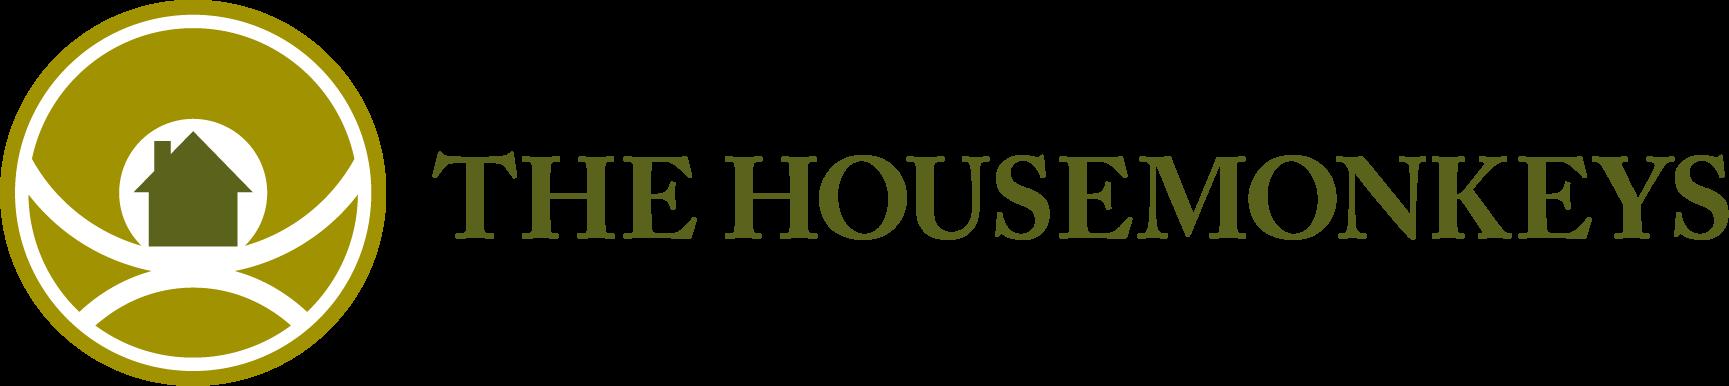 The Housemonkeys